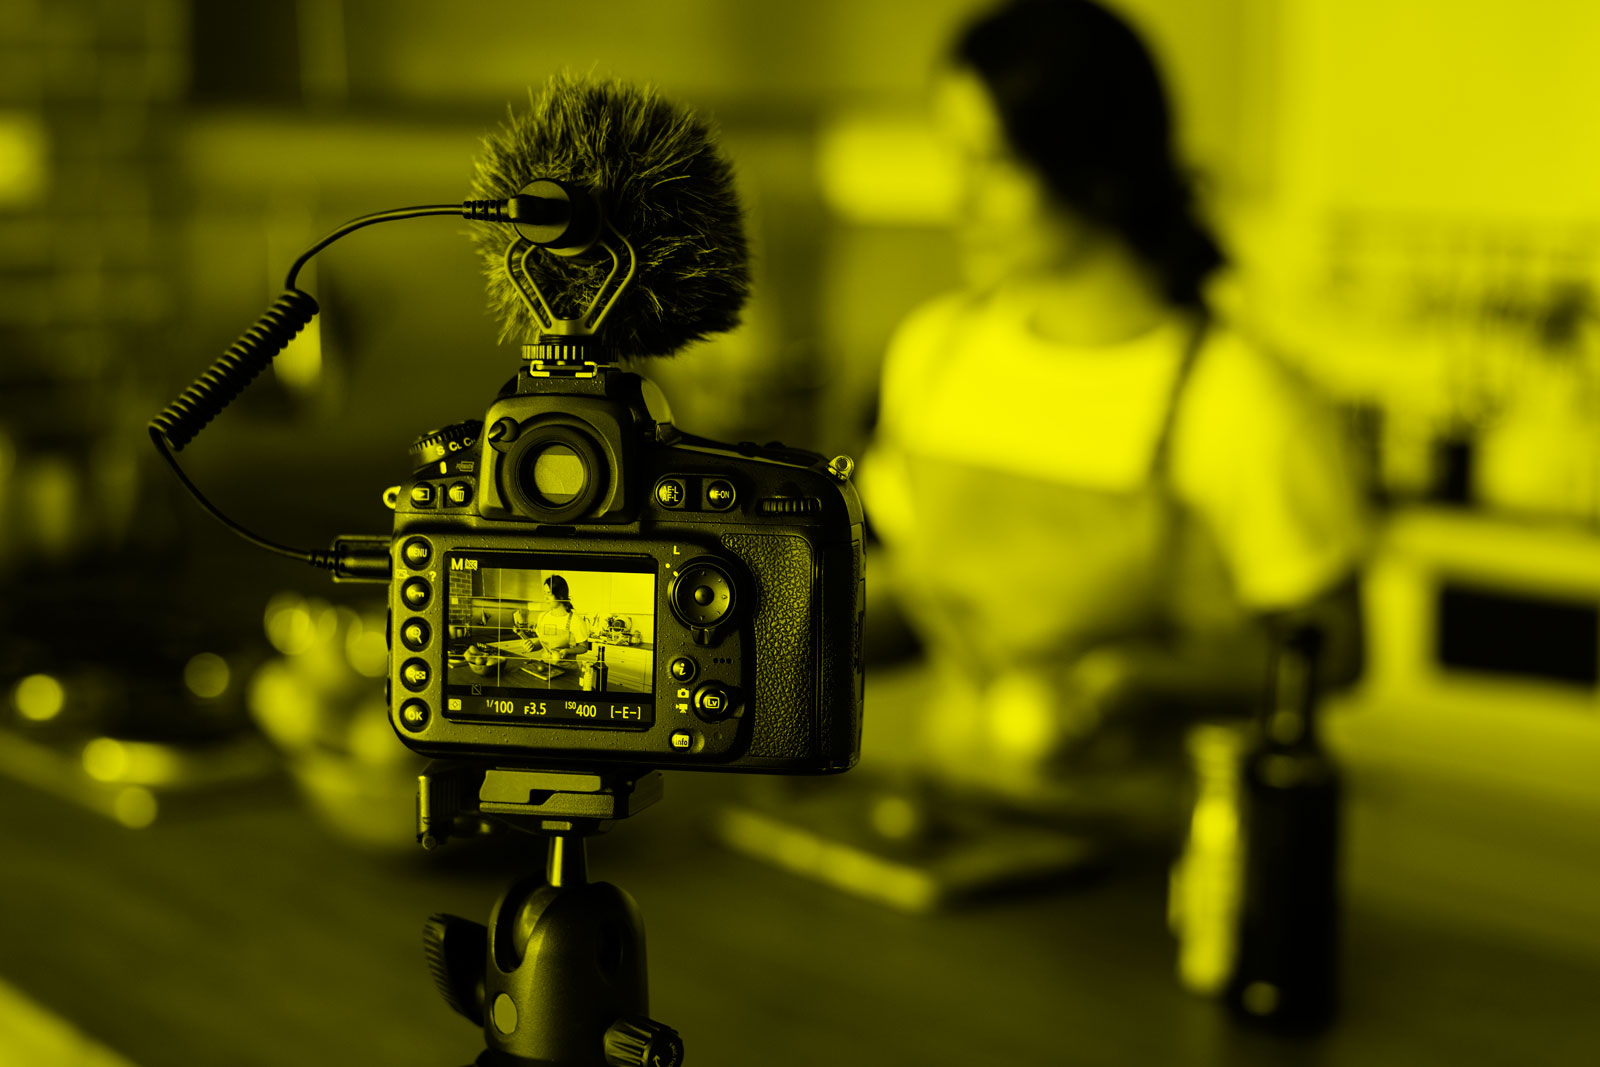 Câmera posicionada em um tripé filma uma mulher cozinhando.